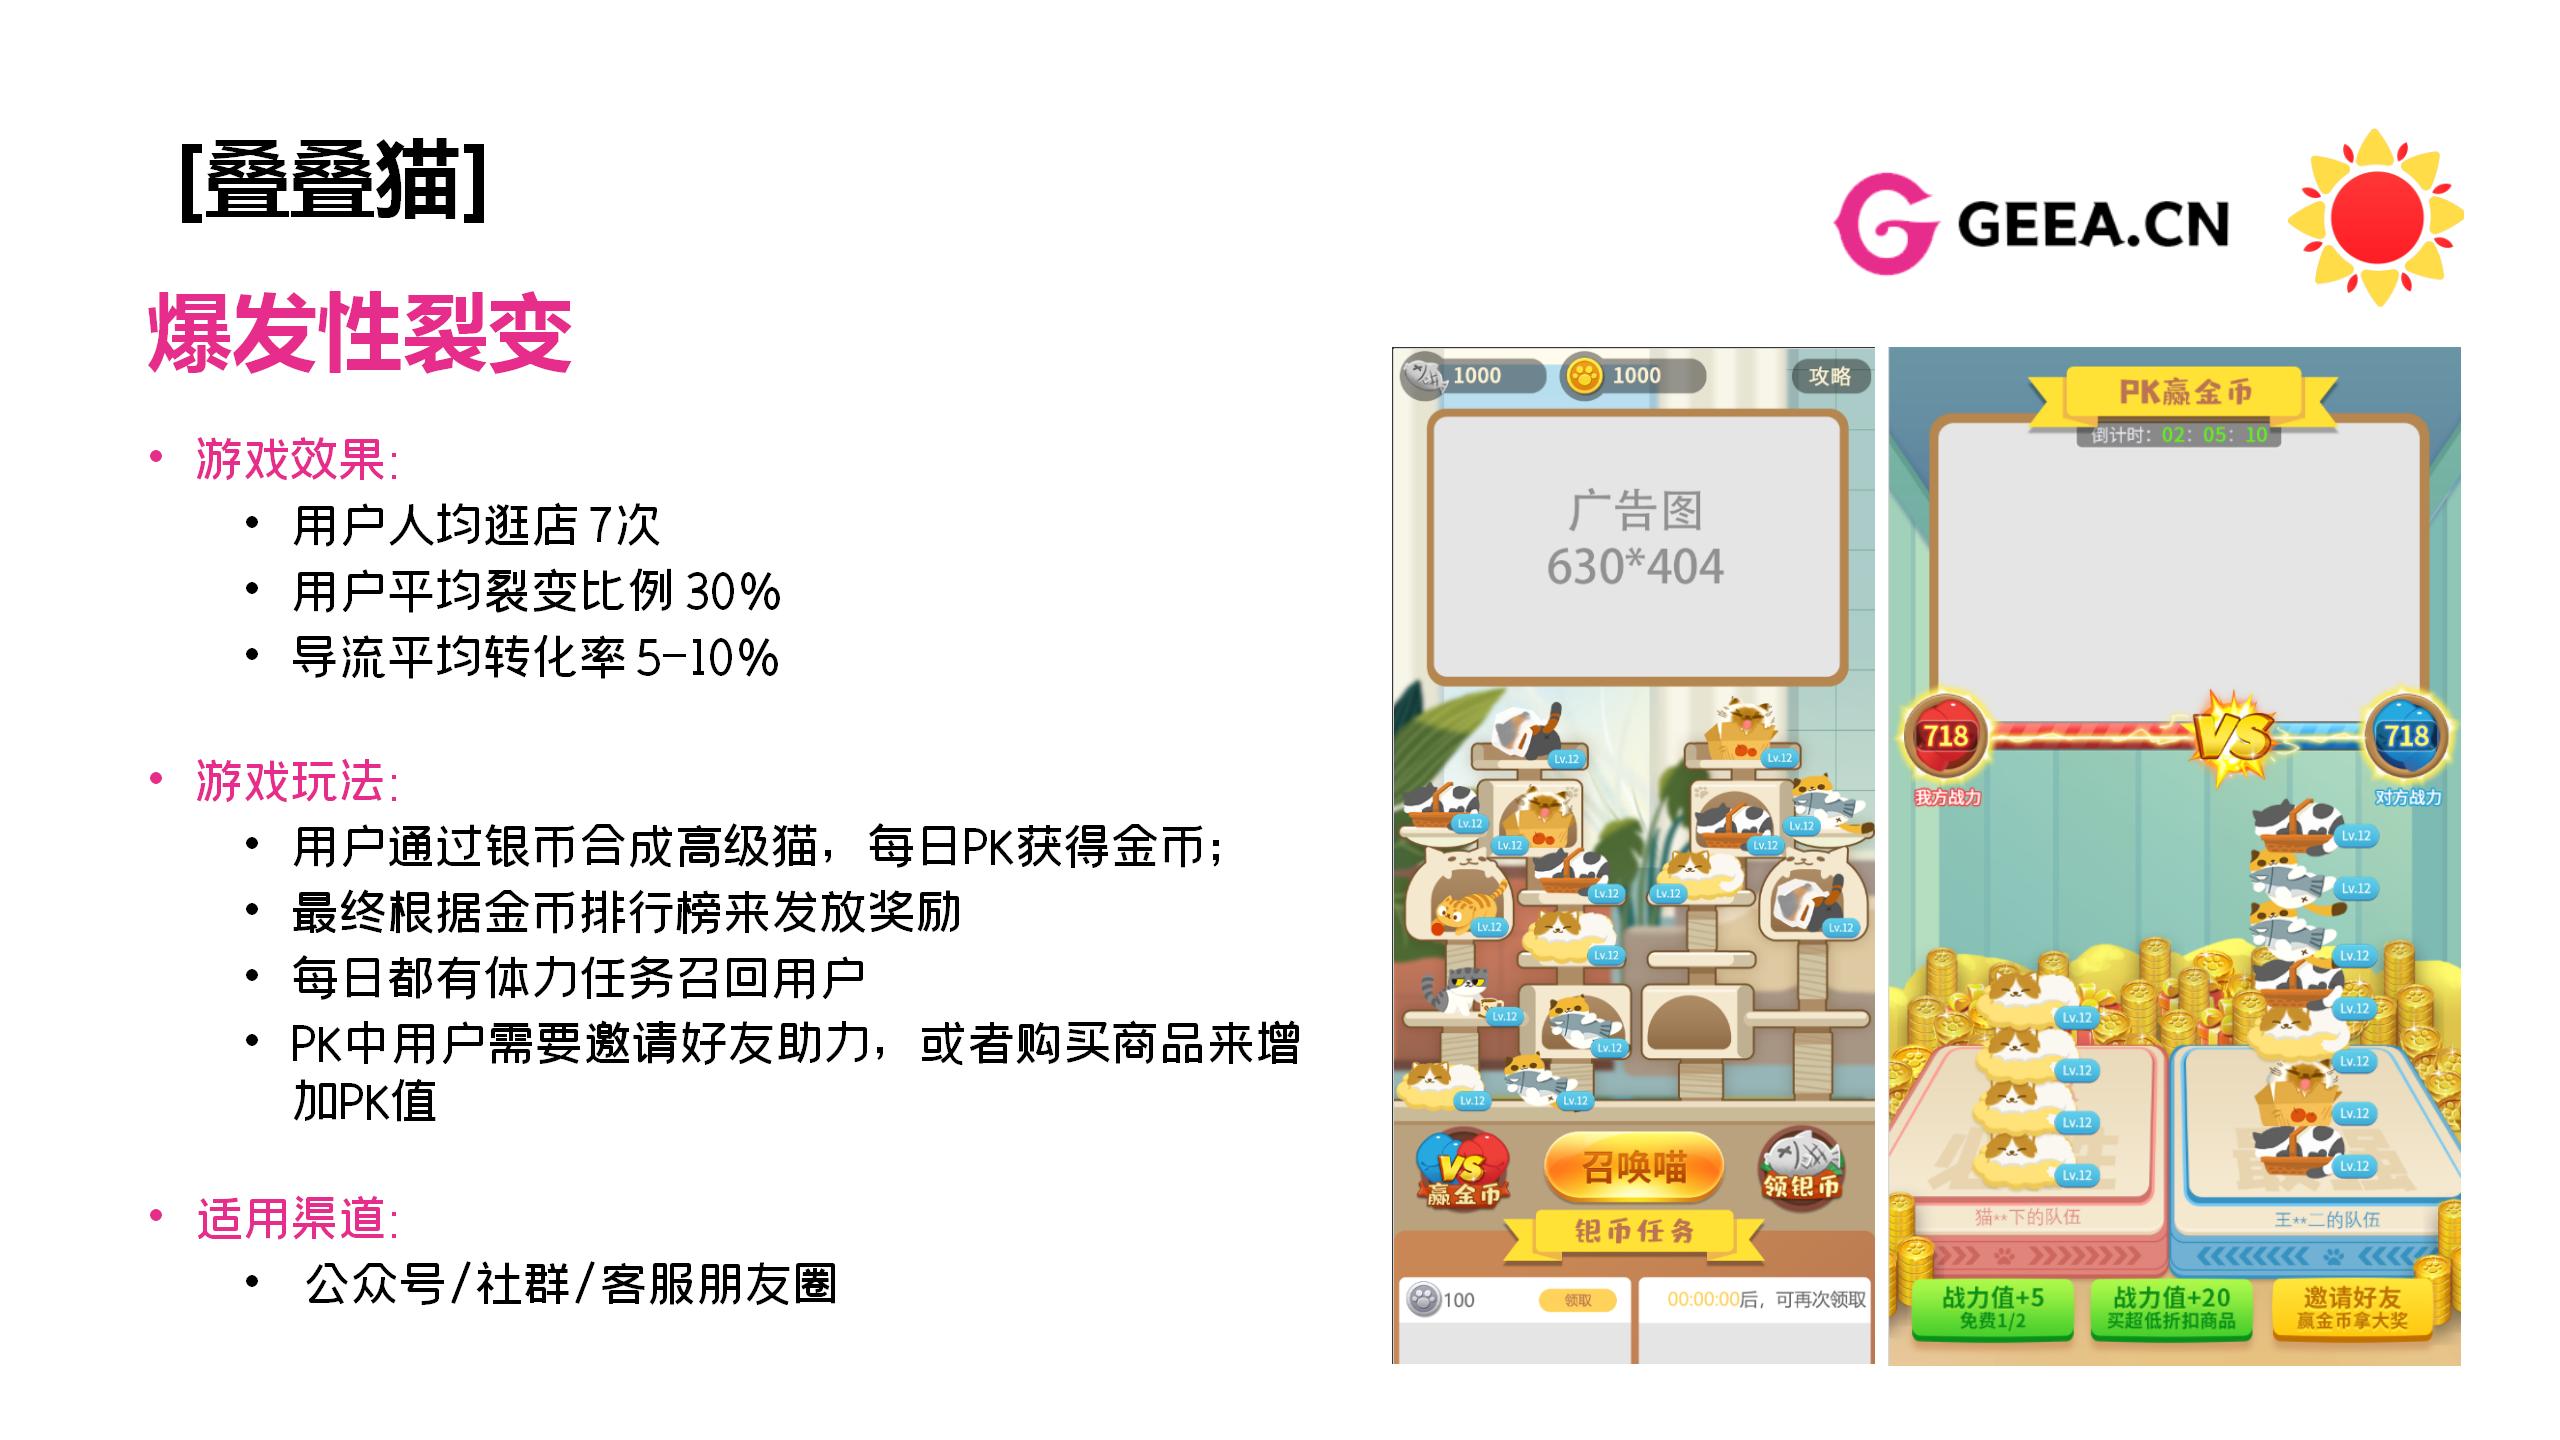 集亚营销游戏案例整理_01.png